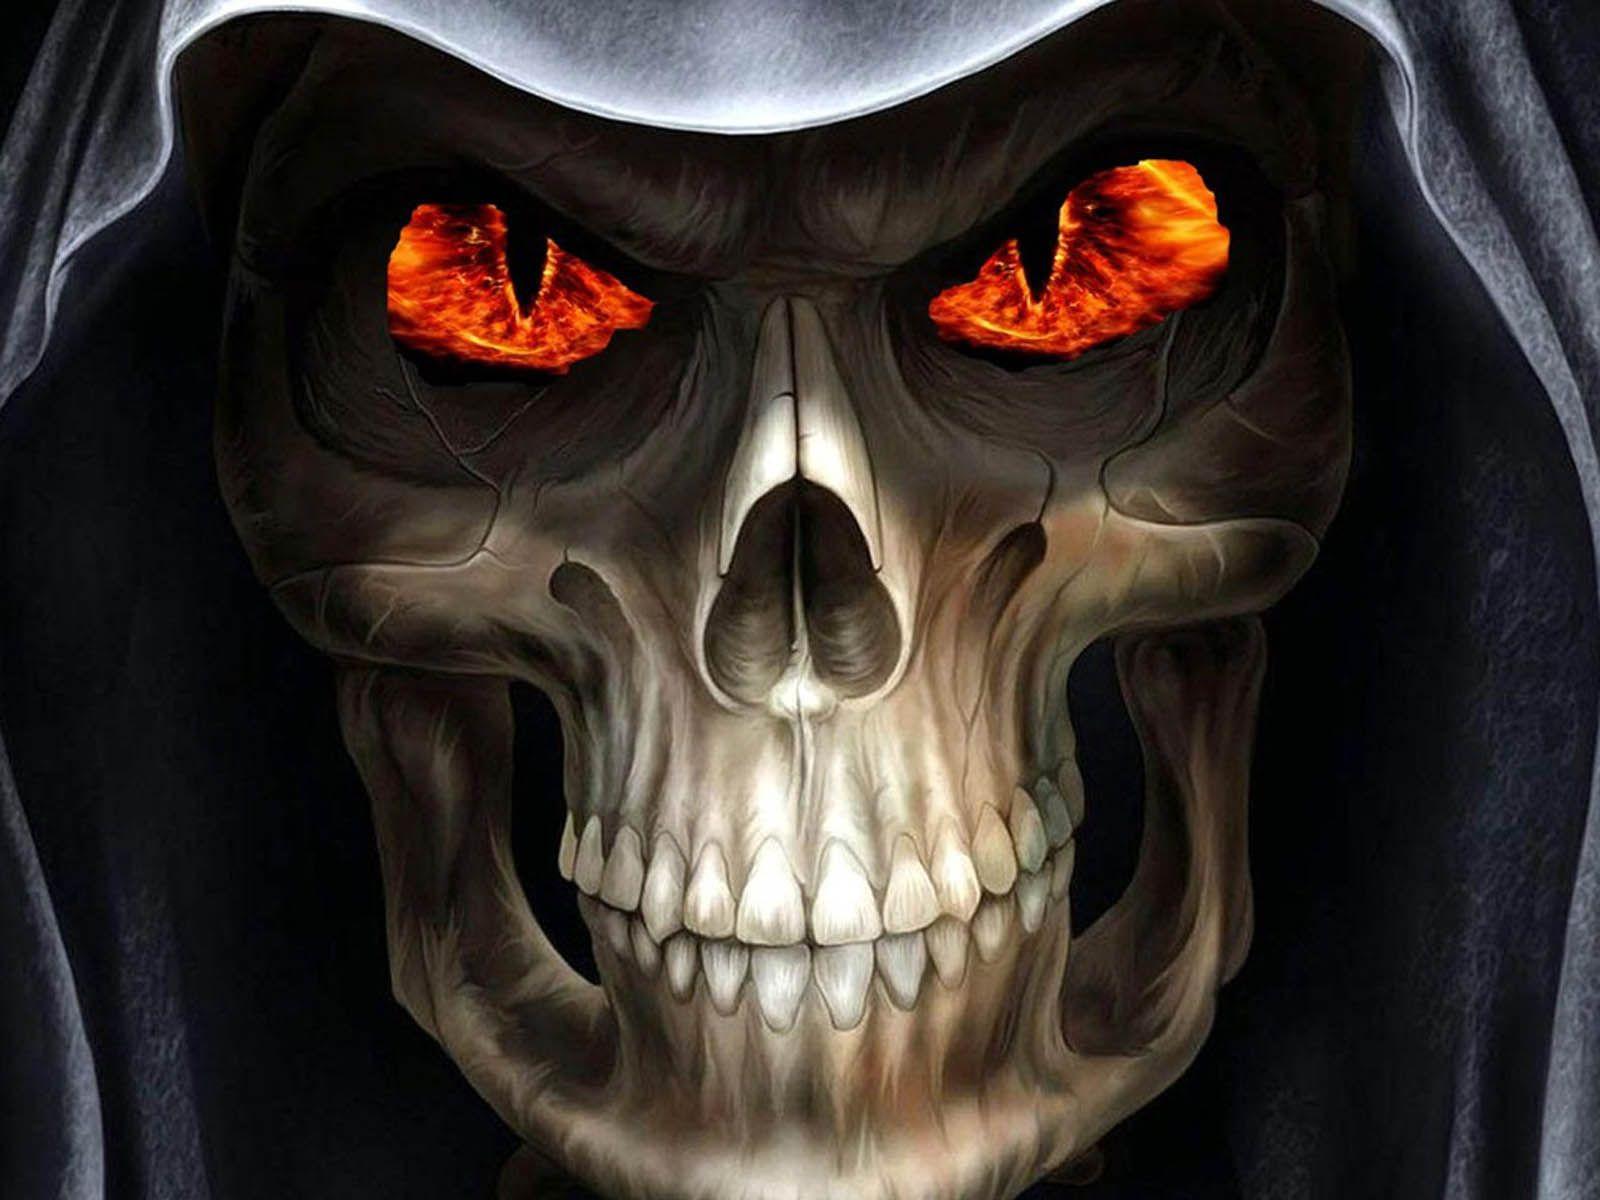 Hd Skull Wallpapers P 1600 1200 Download Skull Wallpapers 50 Wallpapers Adorable Wallpapers Skull Wallpaper Hd Skull Wallpapers Horror Skull